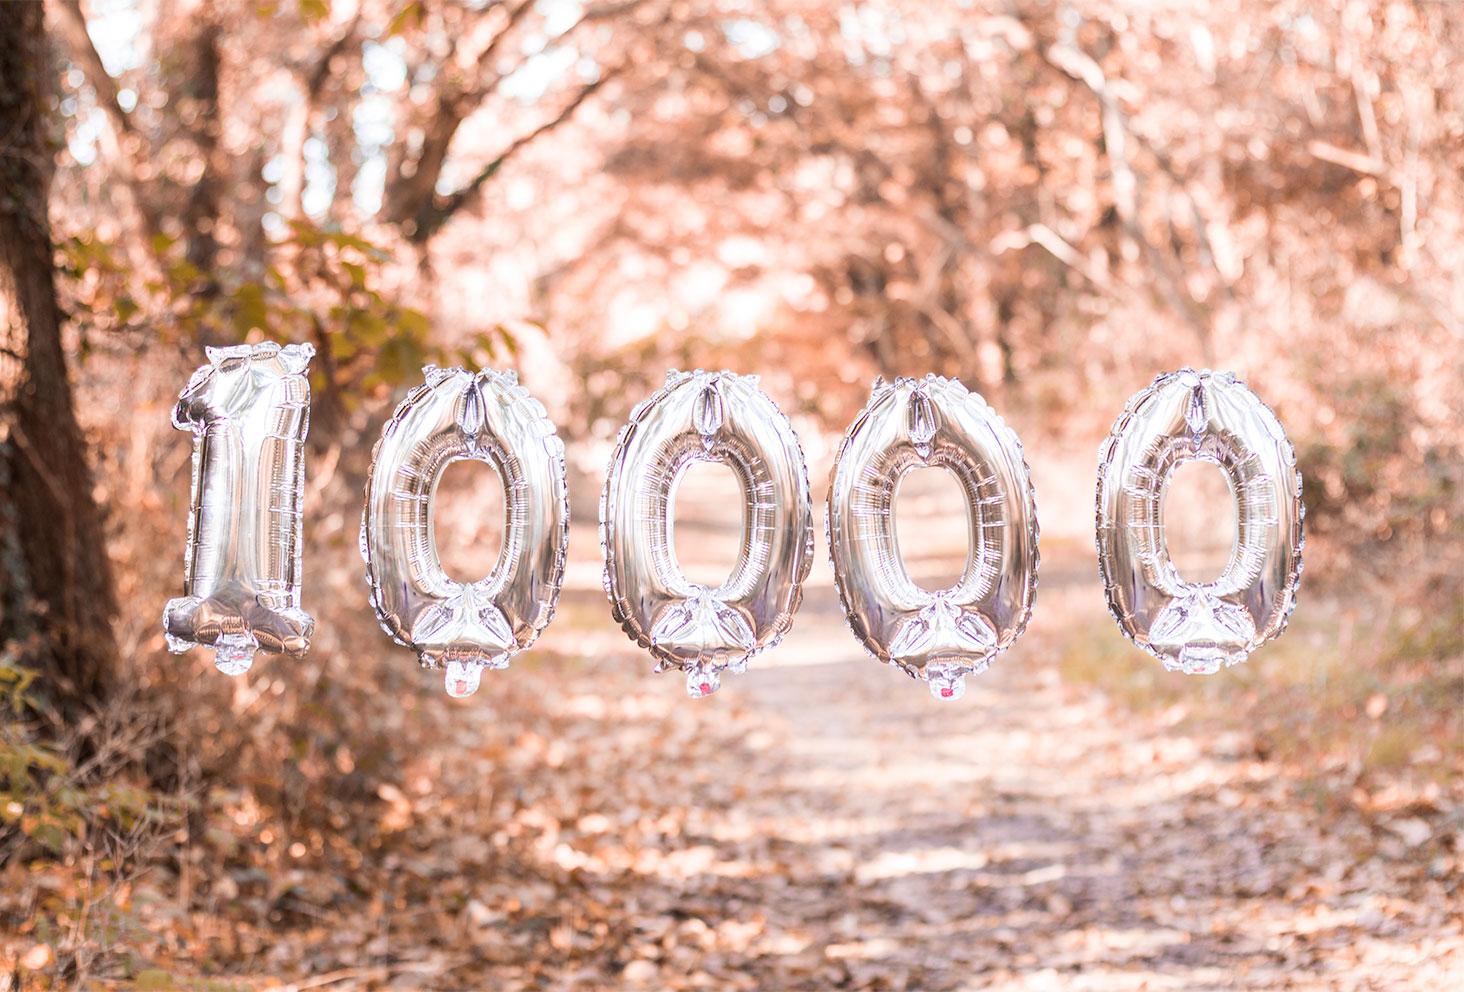 Les ballons argentés 10000 dans les airs au milieu de la forêt